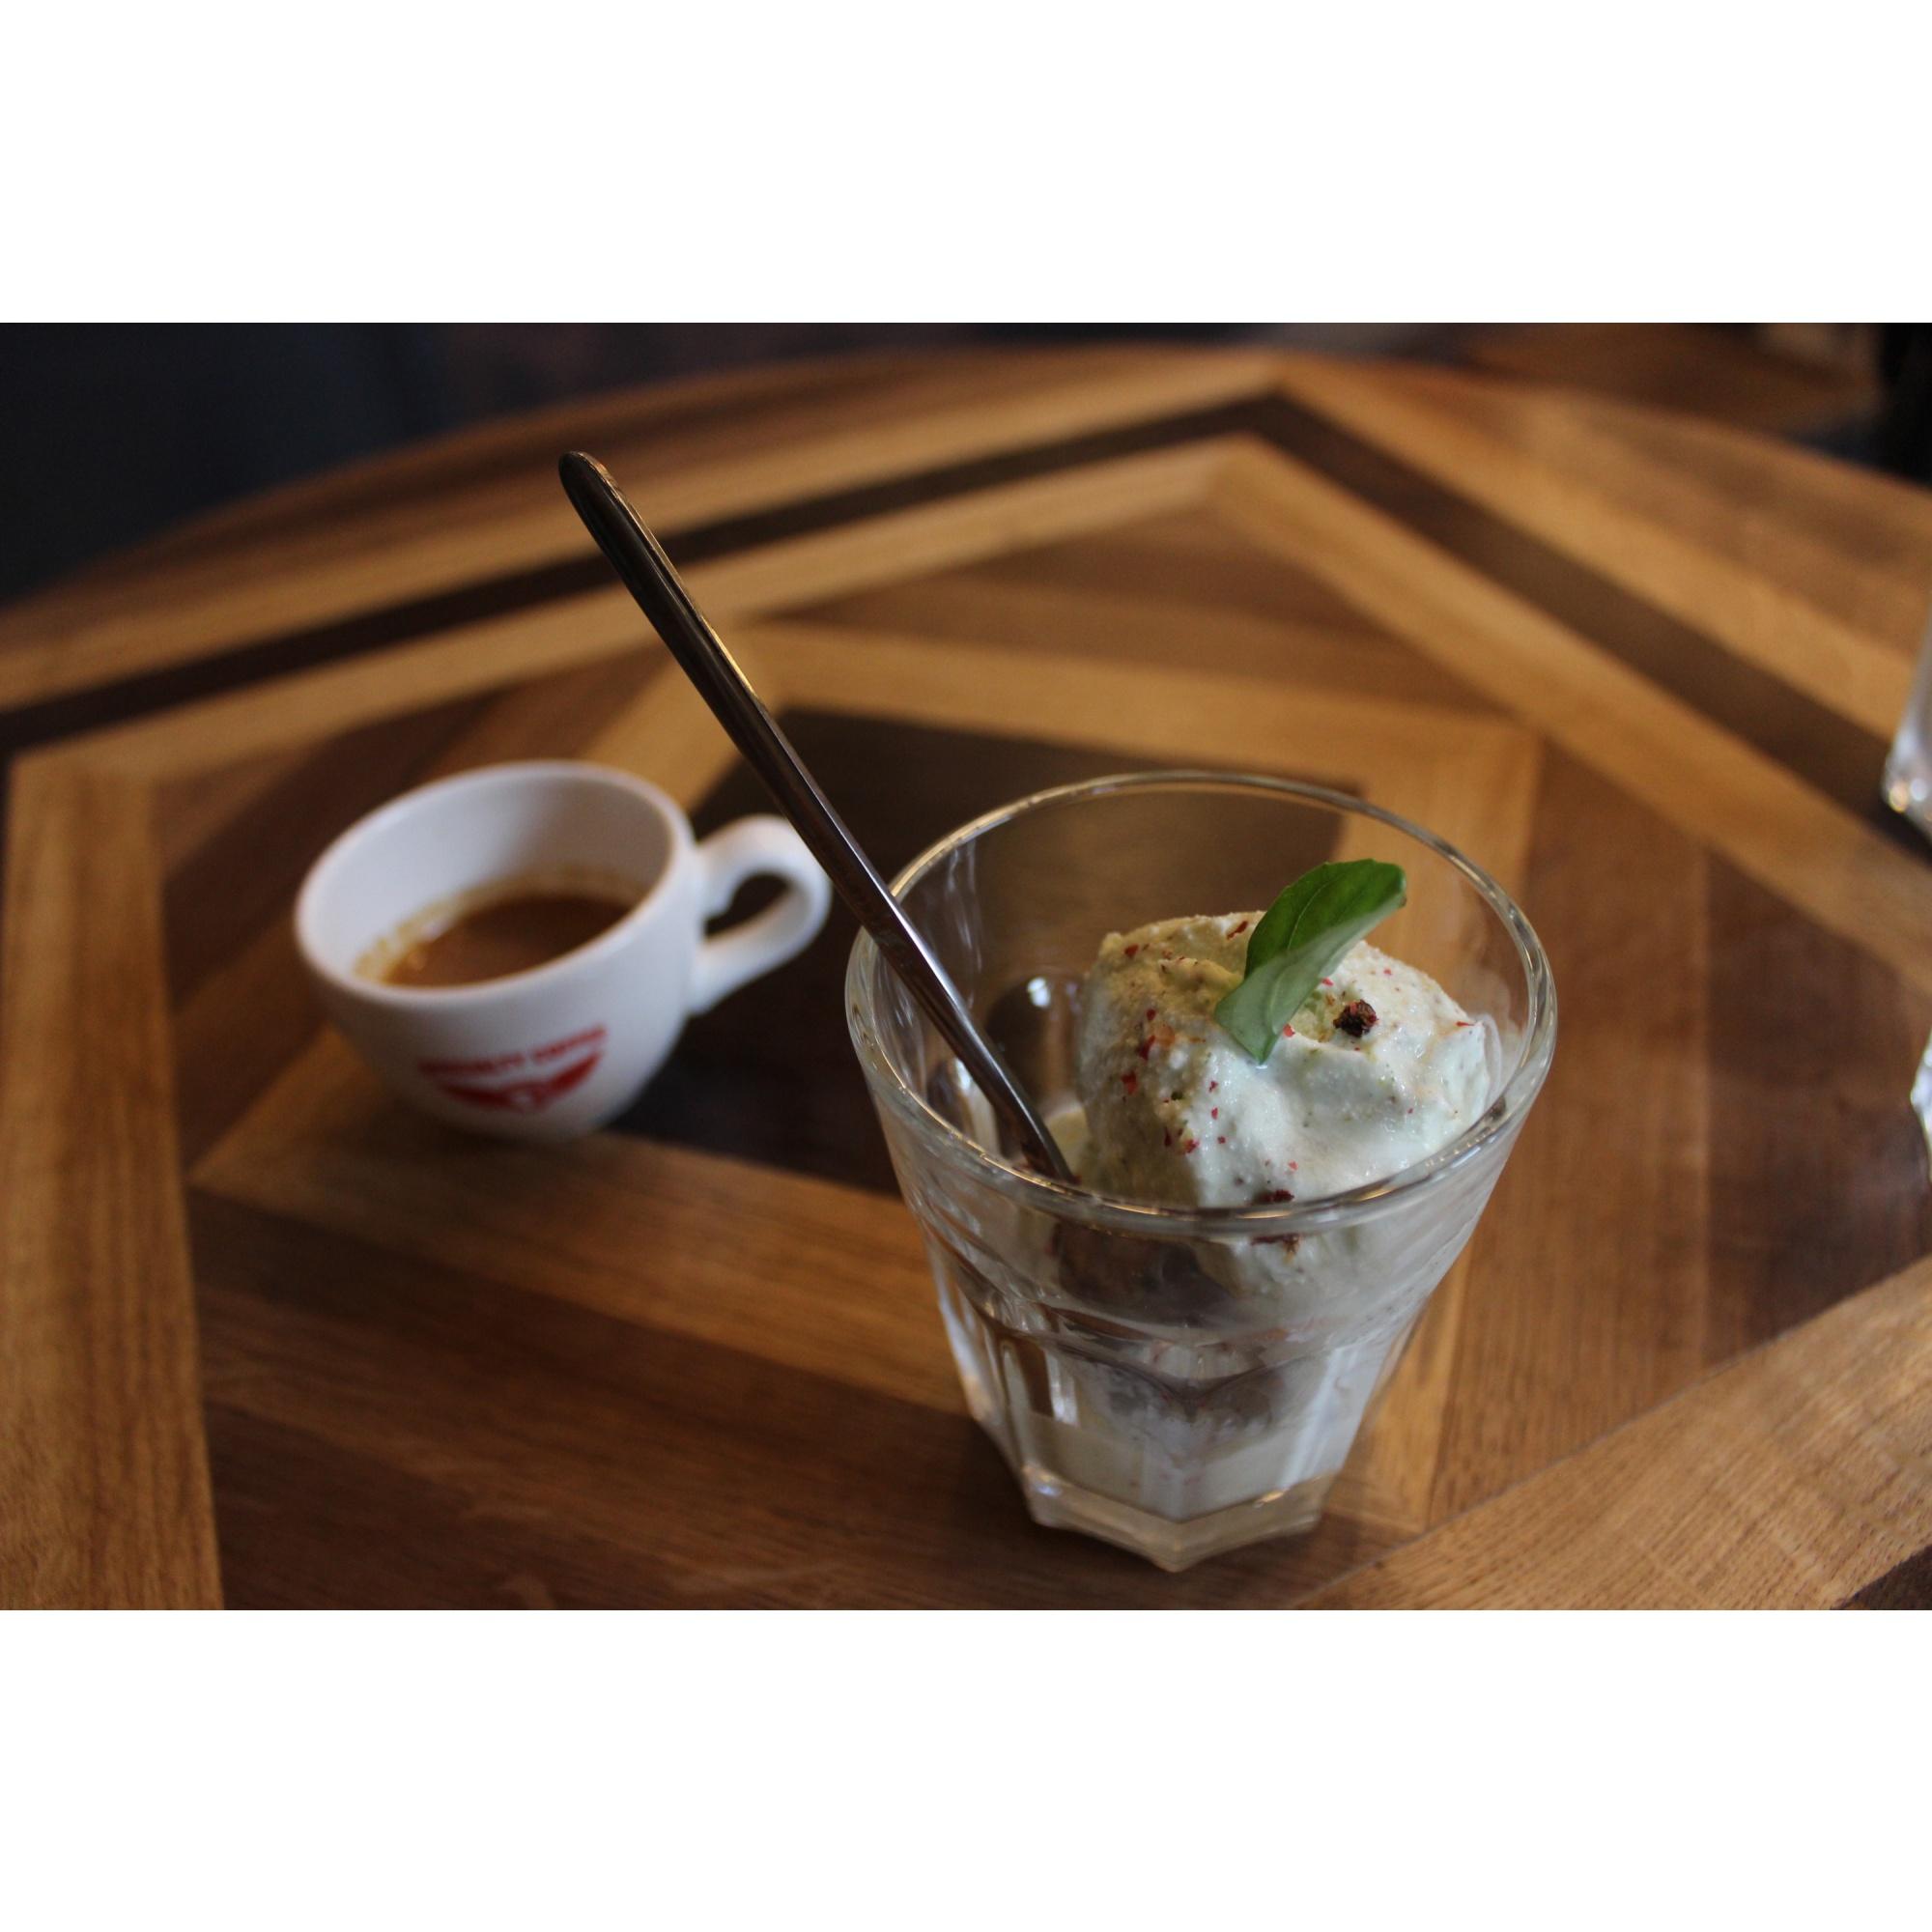 От других кофеен Coffee Collective пытается отличаться необычными рецептами